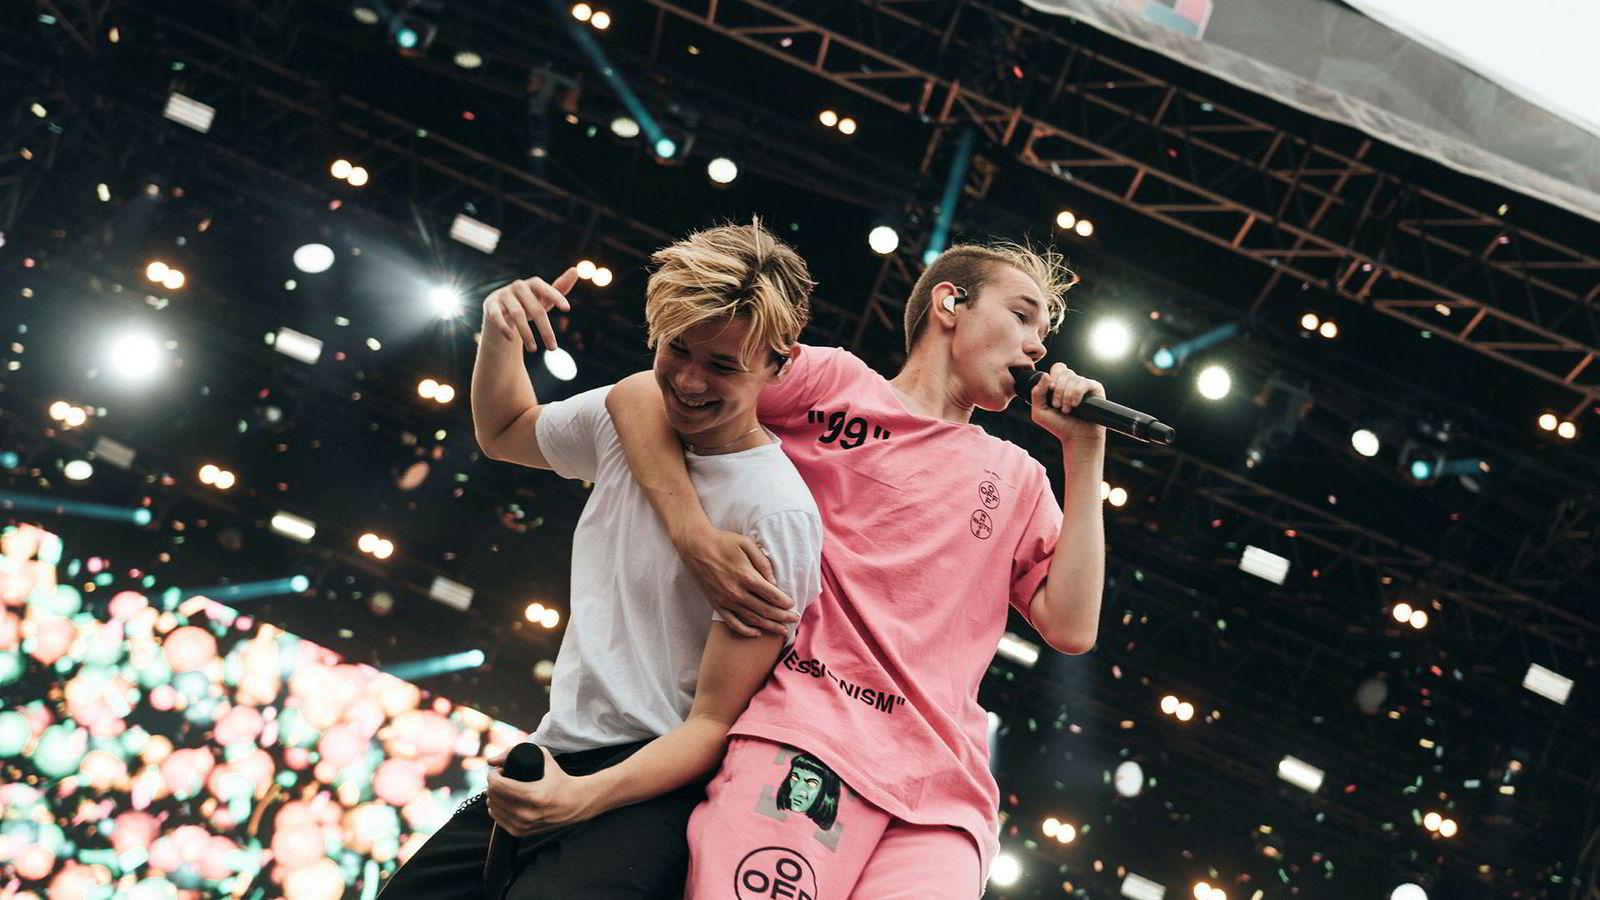 De to tvillingbrødrene Marcus og Martinus Gunnarsen ble kåret til Årets spellemann under Spellemannprisen 2016. Her er de under en konsert i Malmö, Marcus i rosa t-skjorte til høyre og Martinus til venstre.